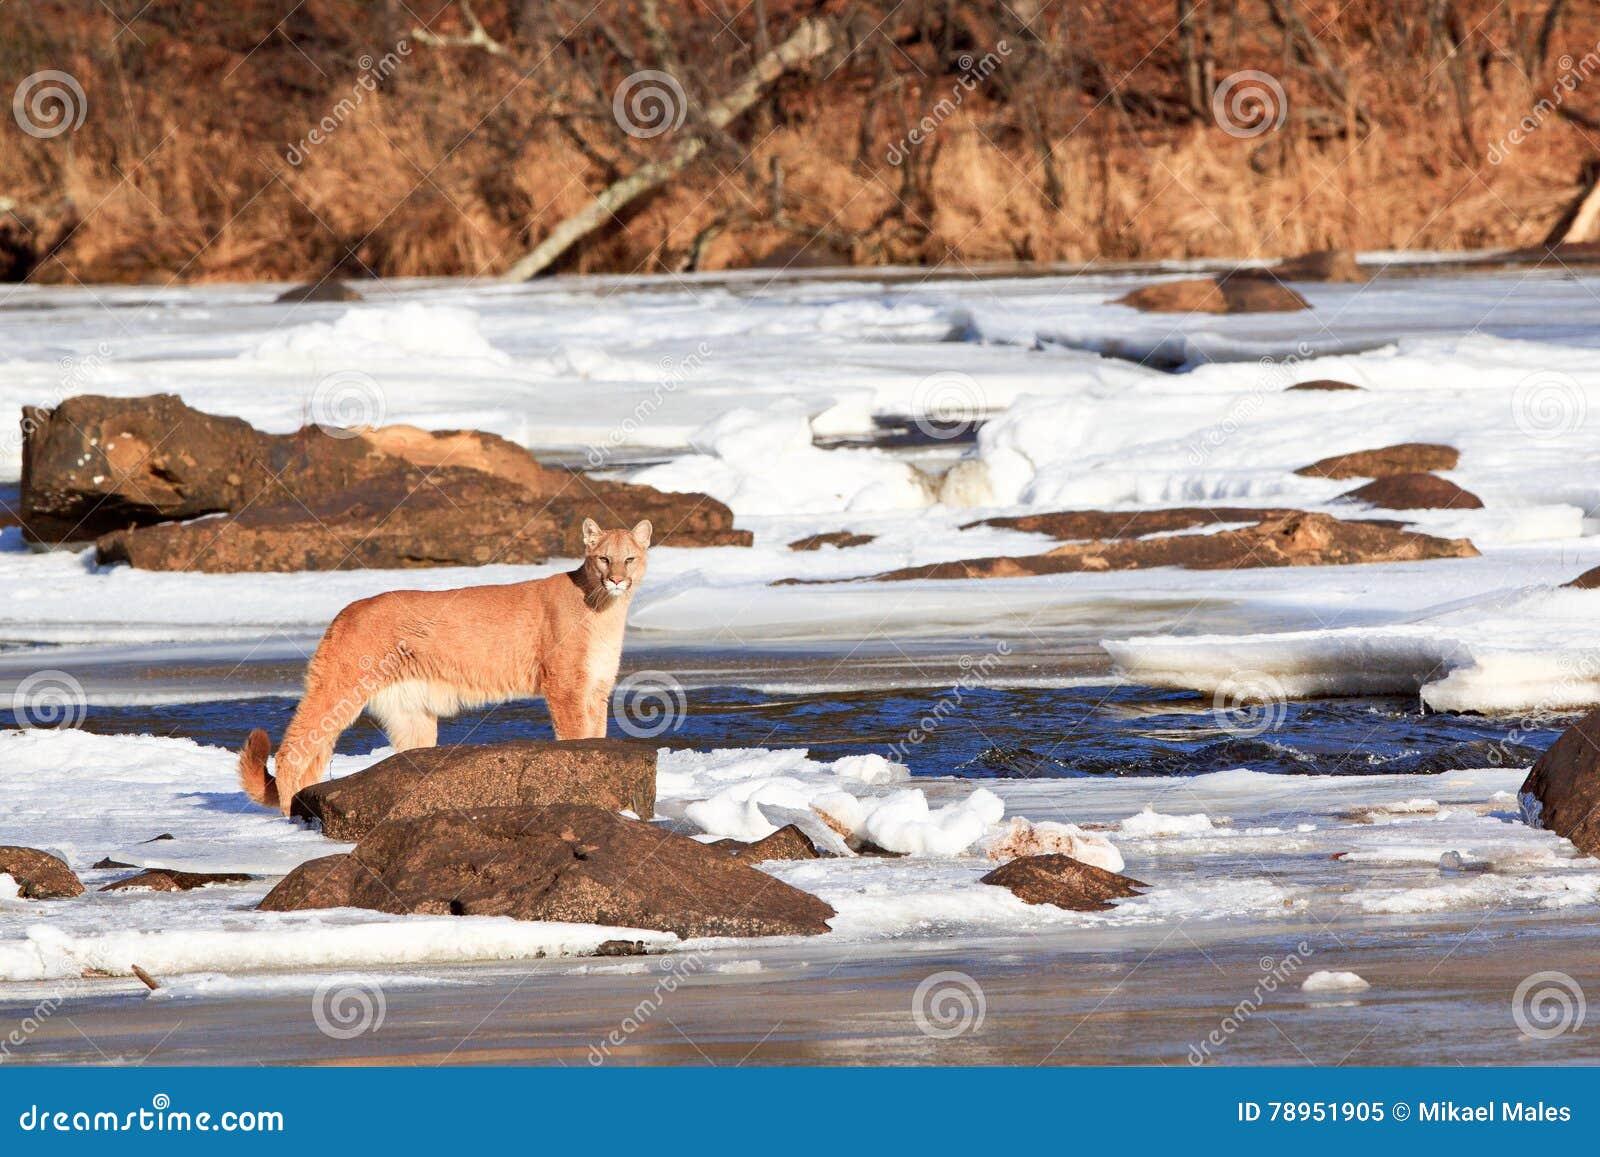 美洲狮的风景风景图片由小河的